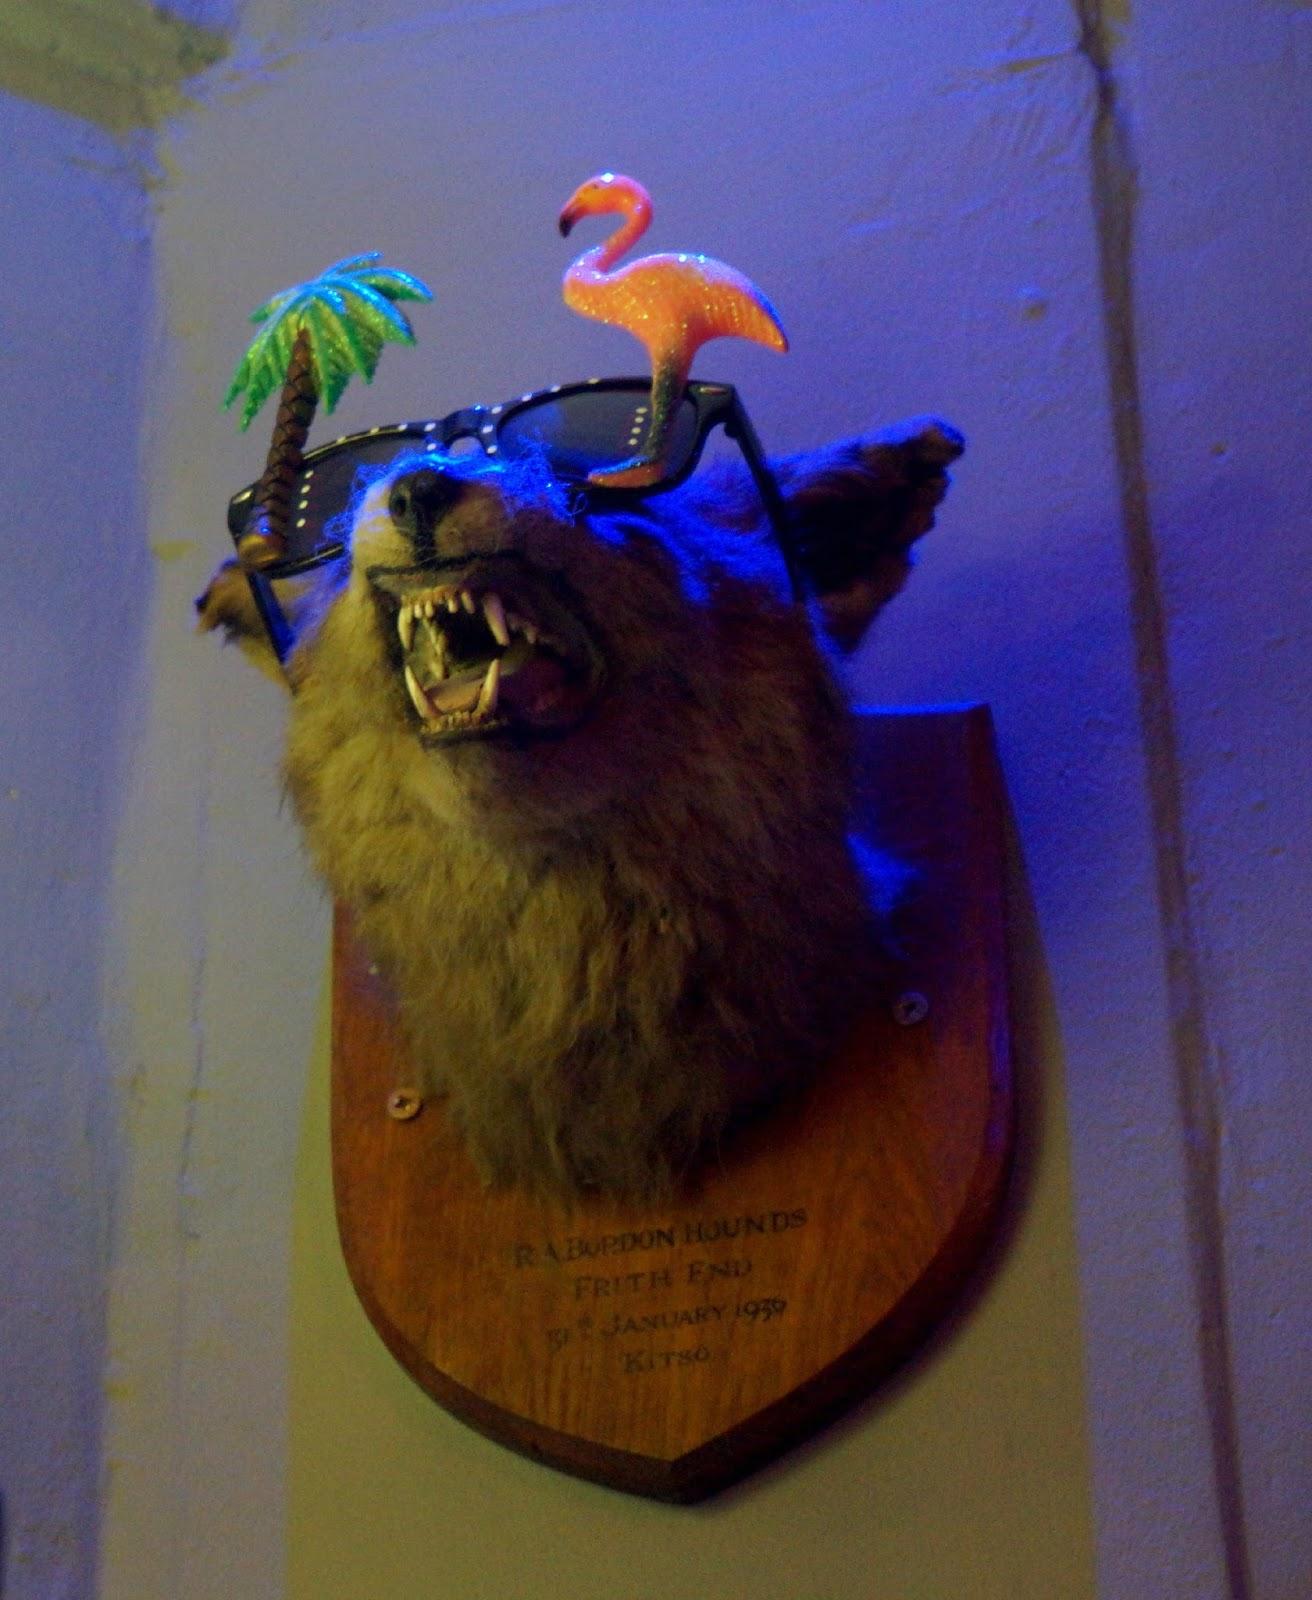 bear's head bust